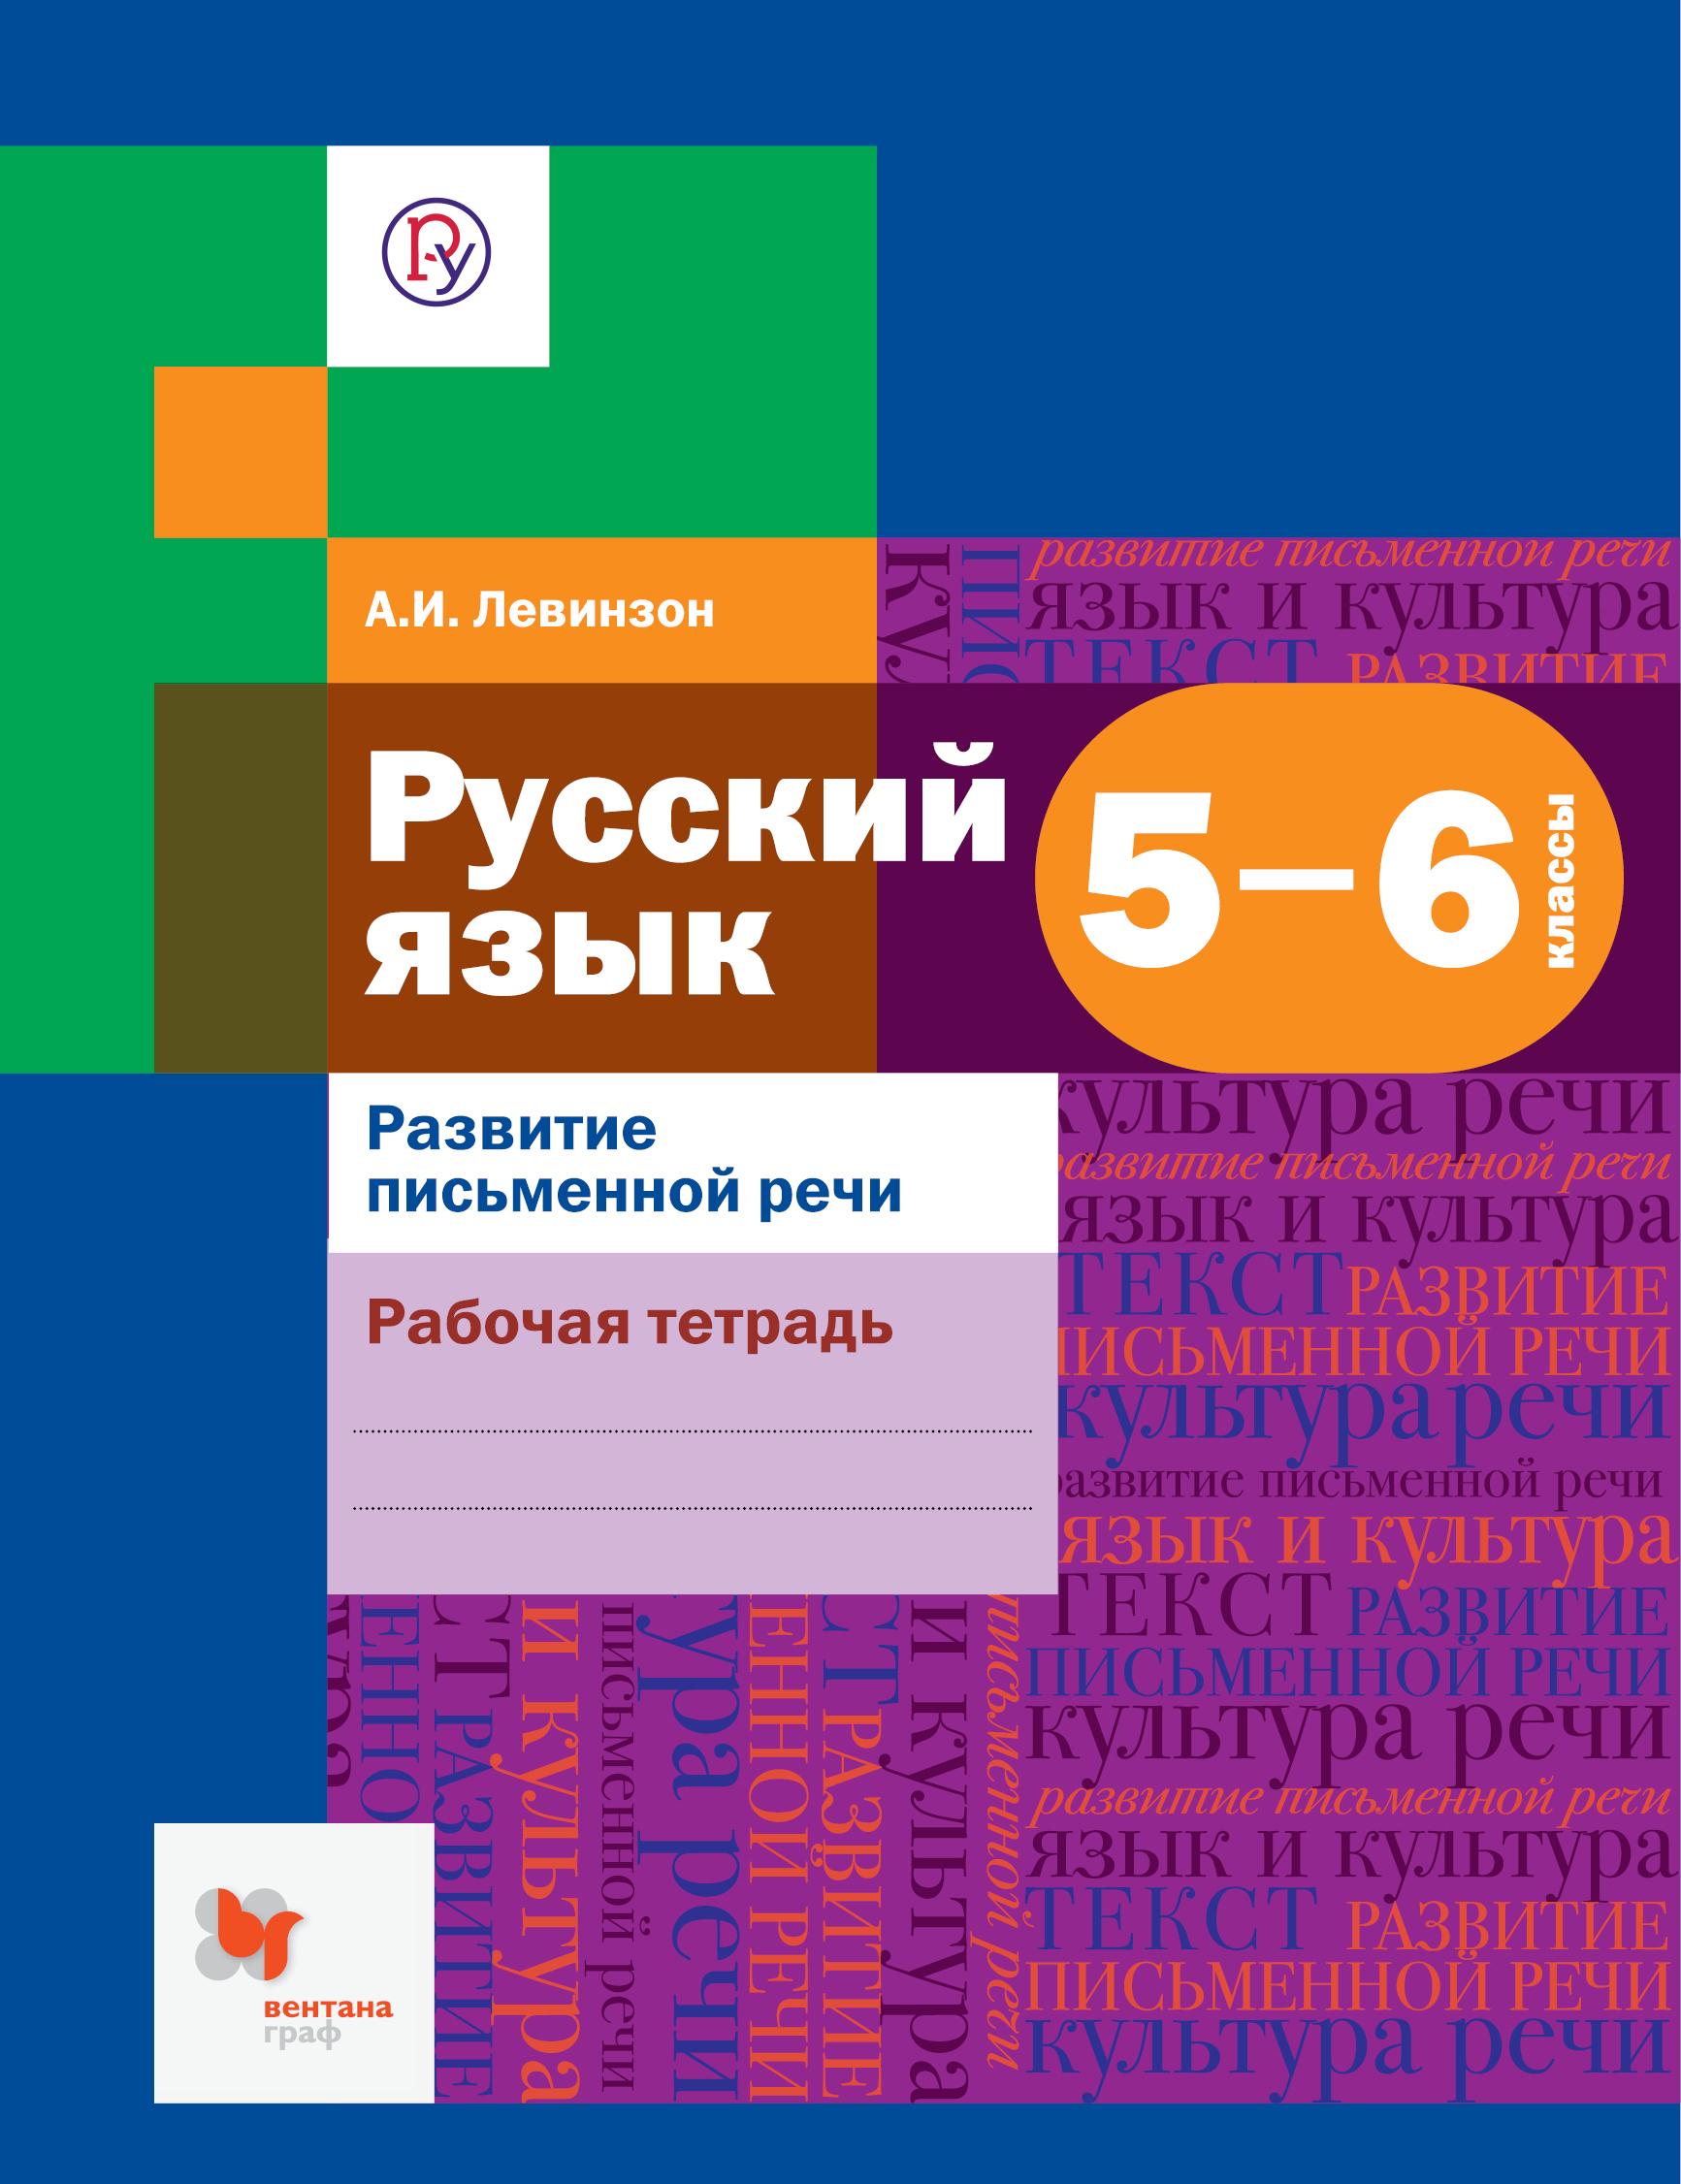 Русский язык. Развитие письменной речи. 5-6класс. Рабочая тетрадь ( Левинзон А.И.  )